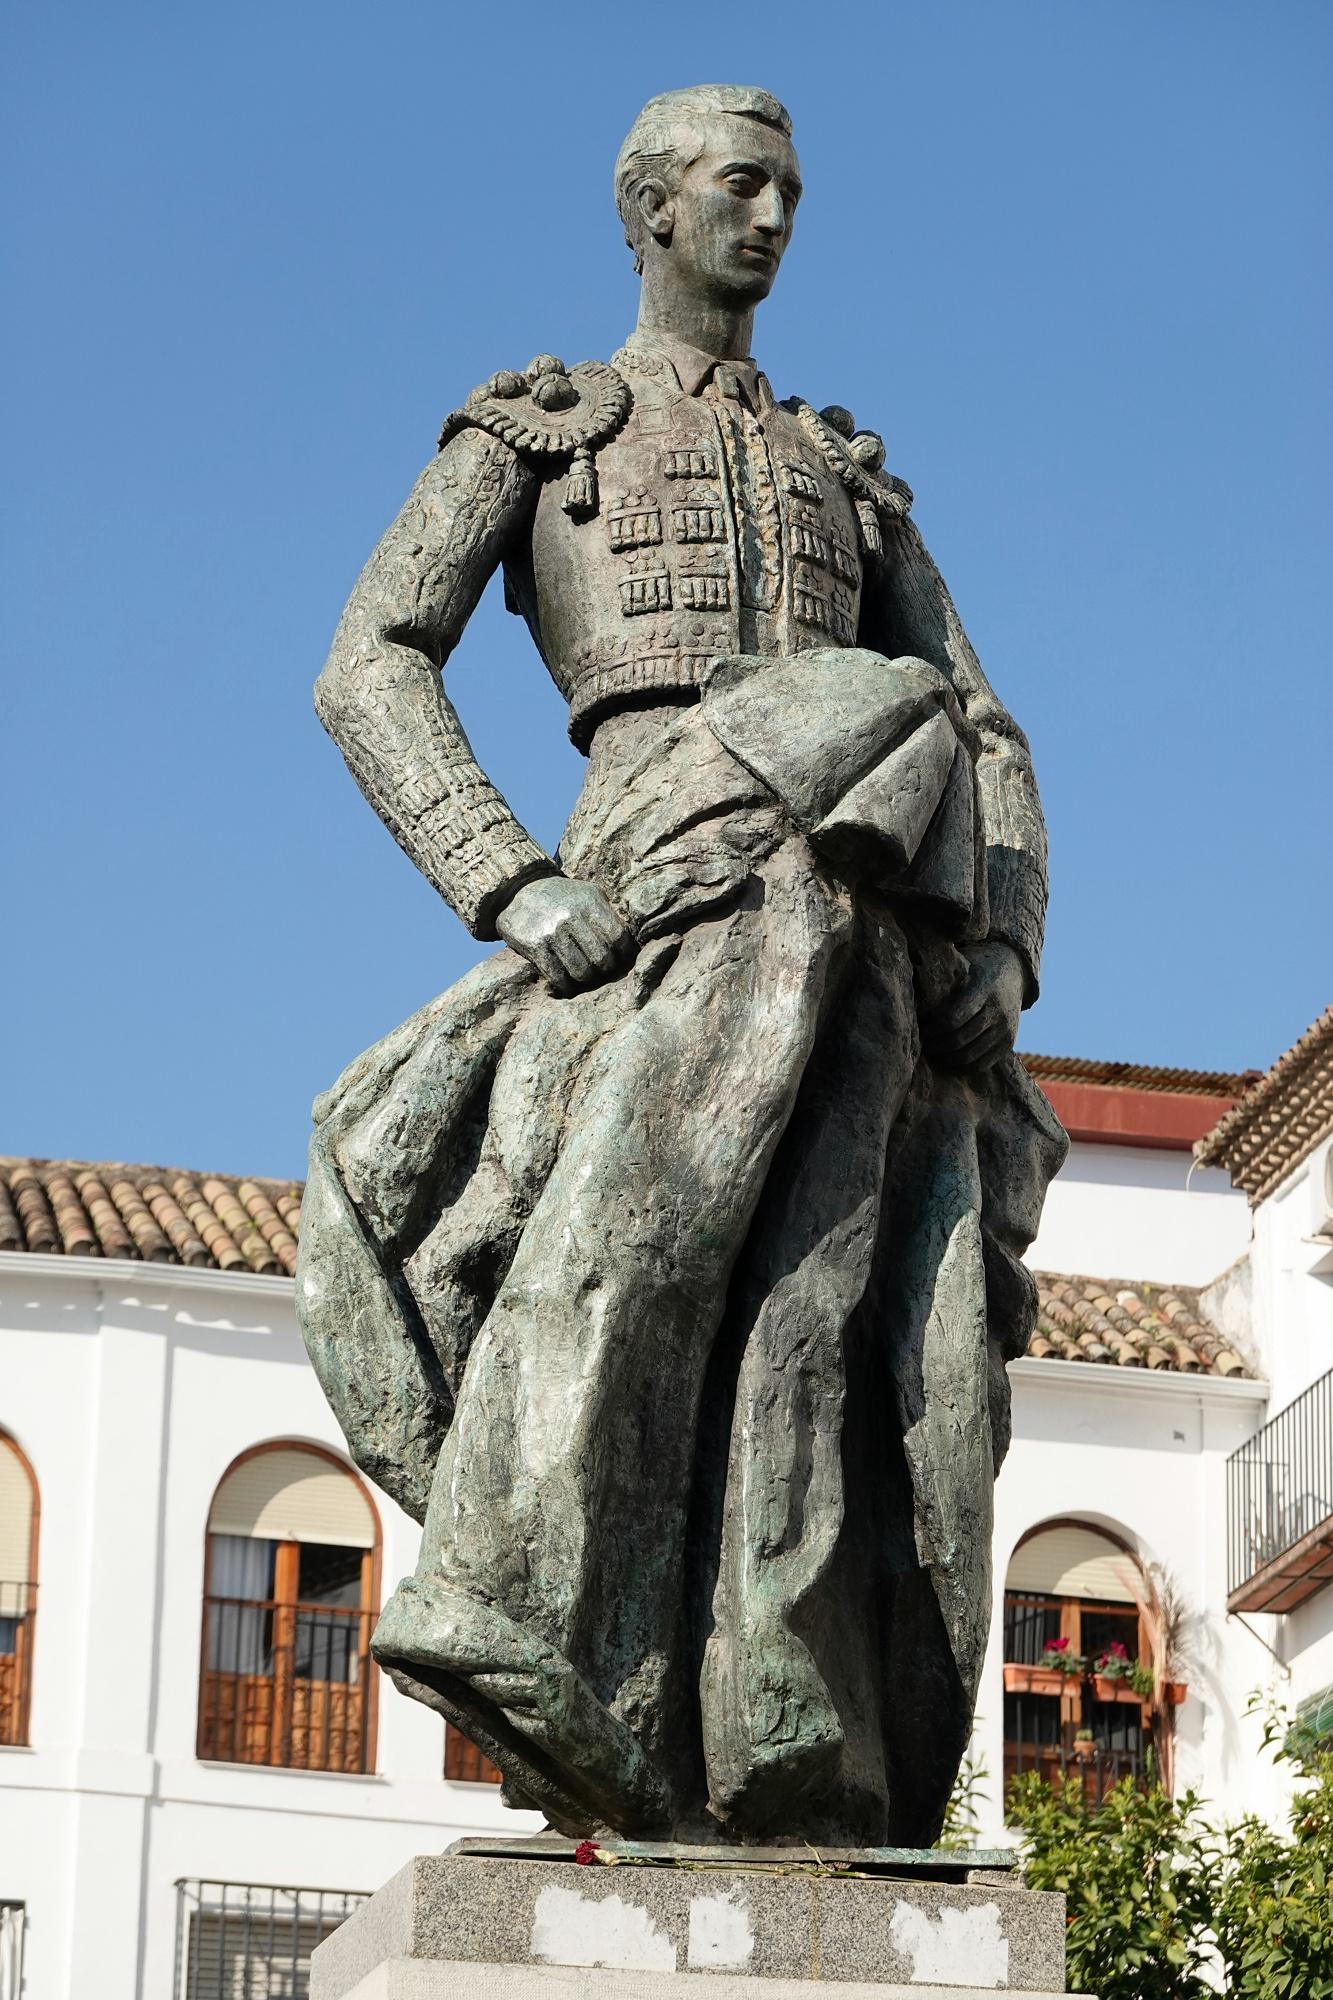 Monumento a Manolete - Viajeros por el Mundo